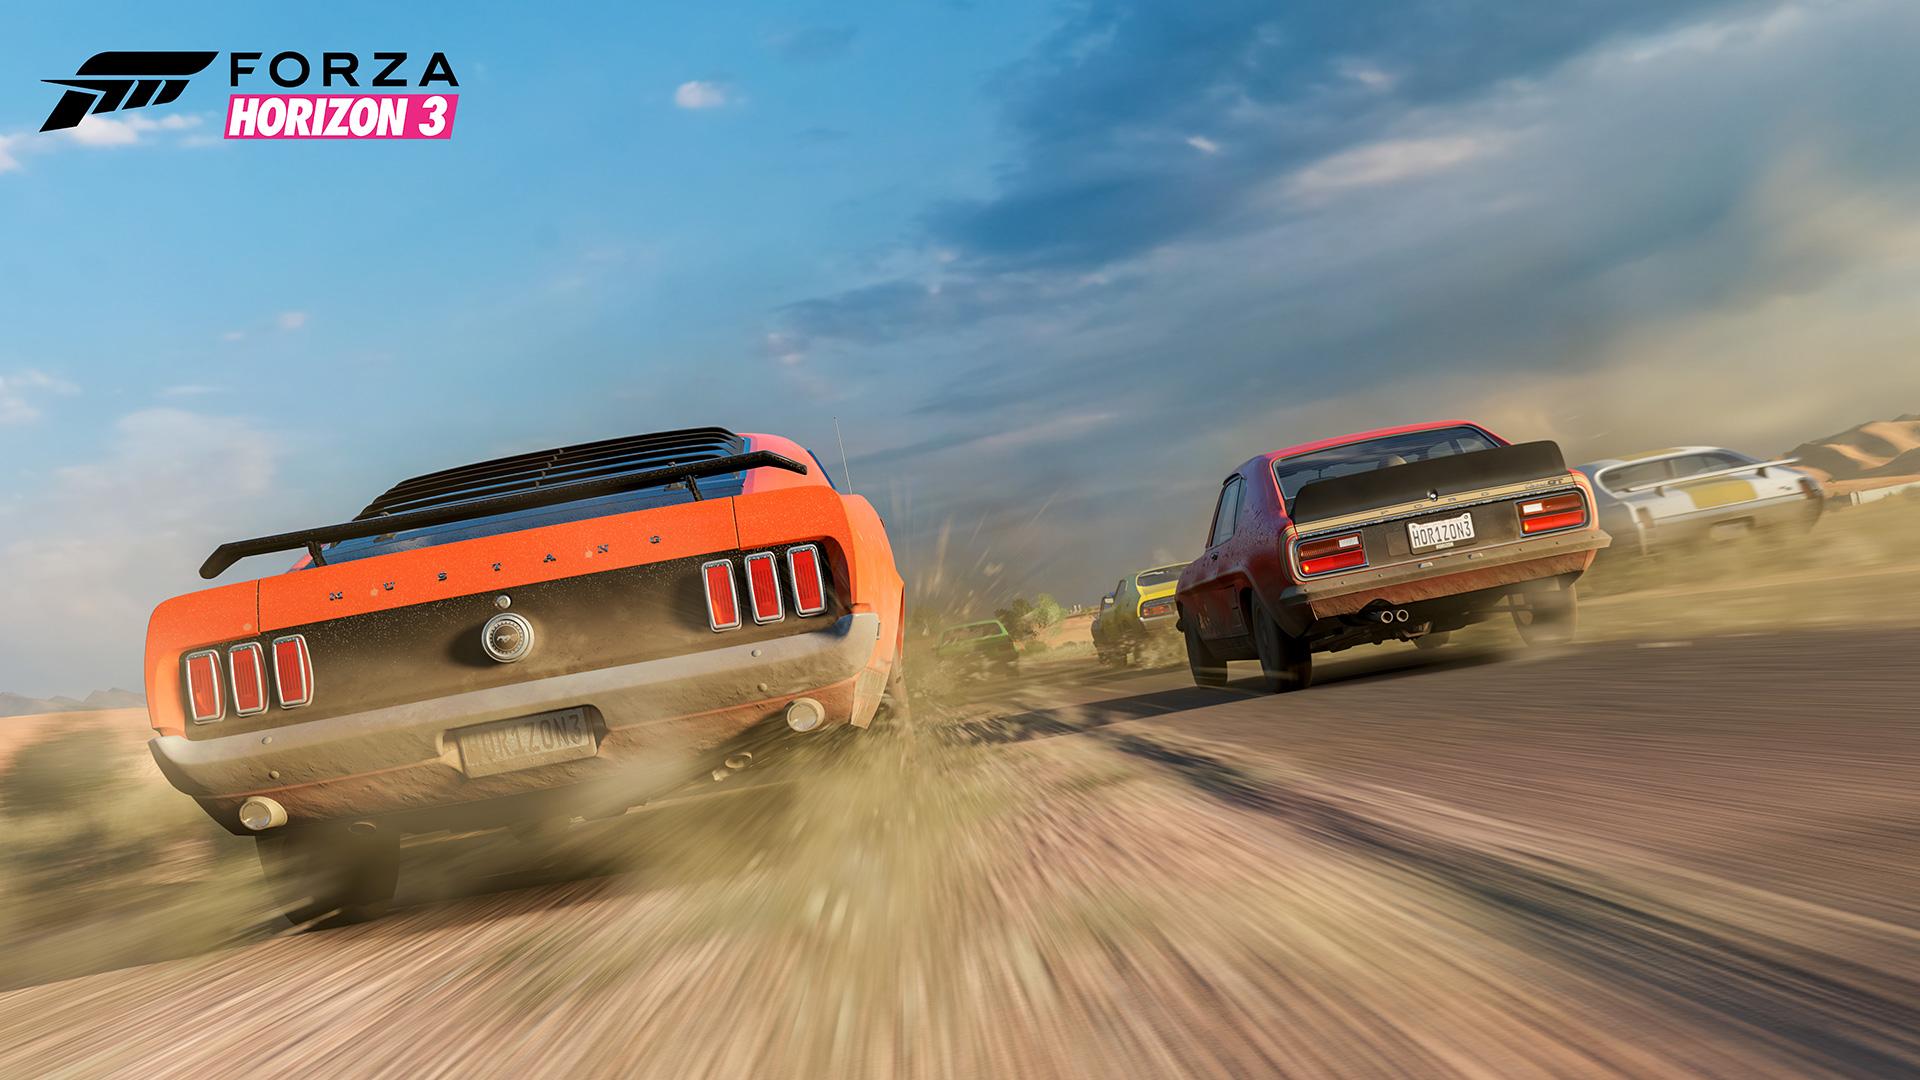 🌱 Forza horizon 3 apk download for android | Forza Horizon 3 APK